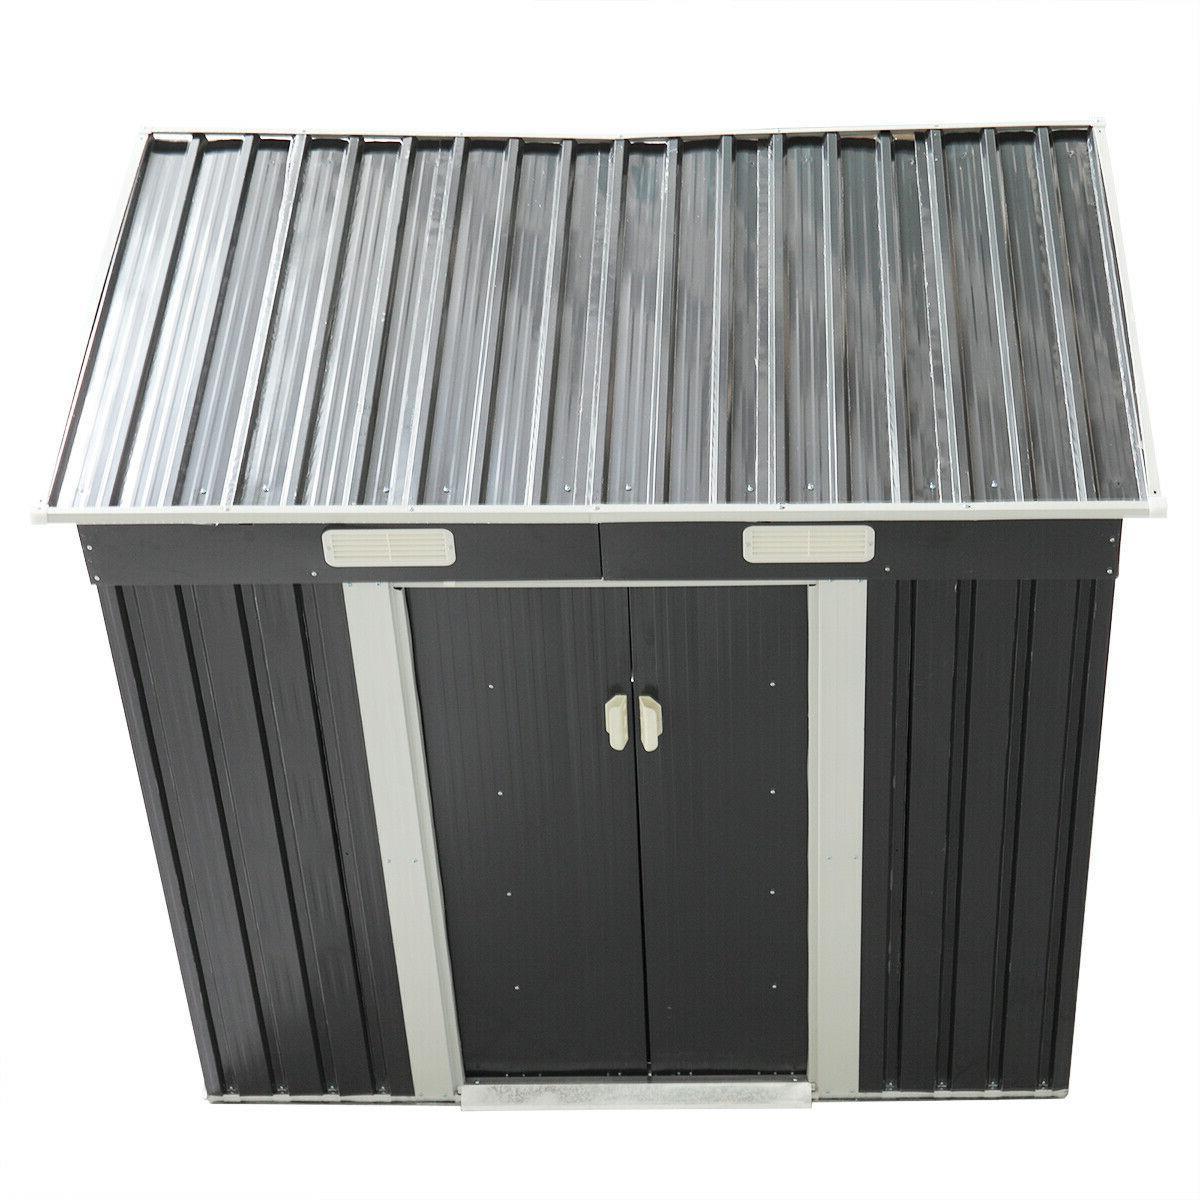 4 x Storage Box Garden